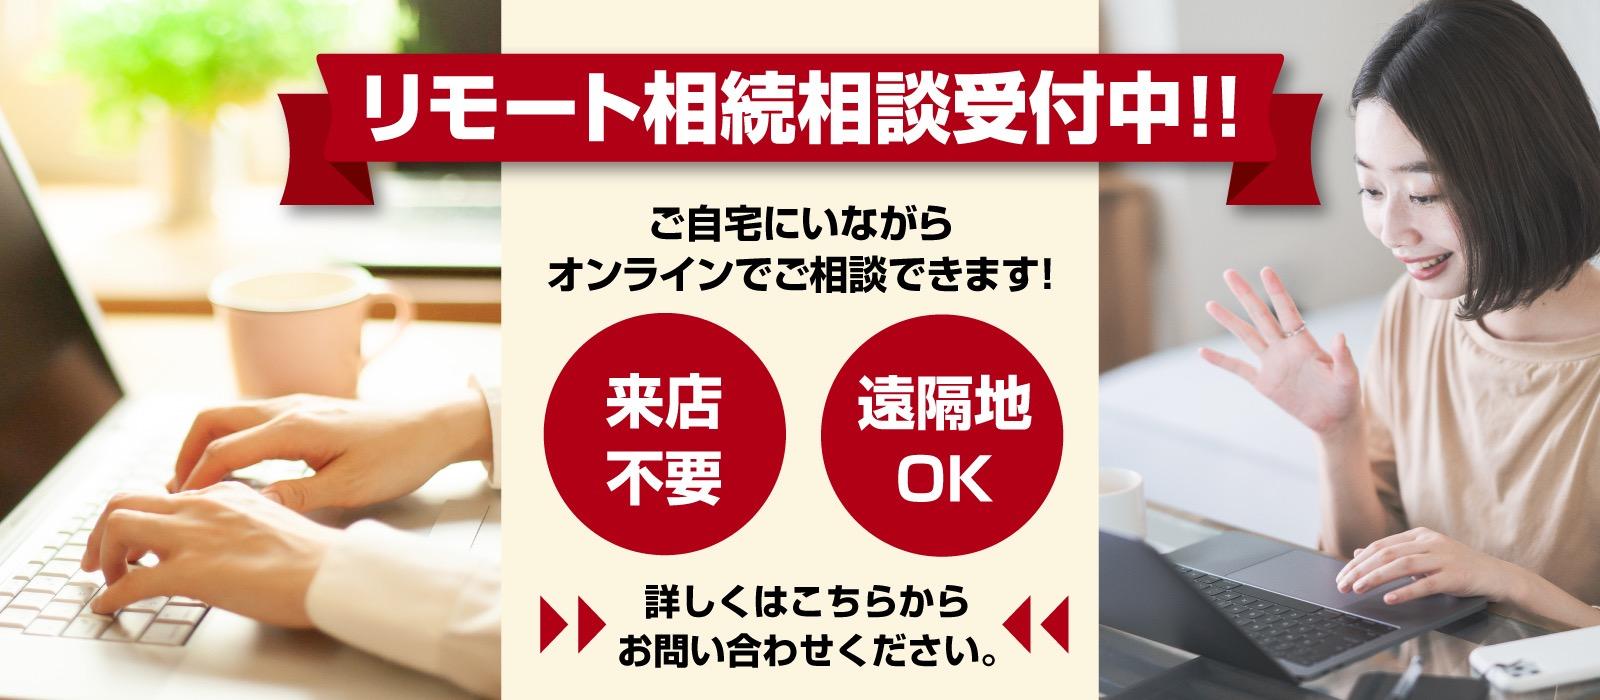 岡山市の相続対策をリモートでご相談できます